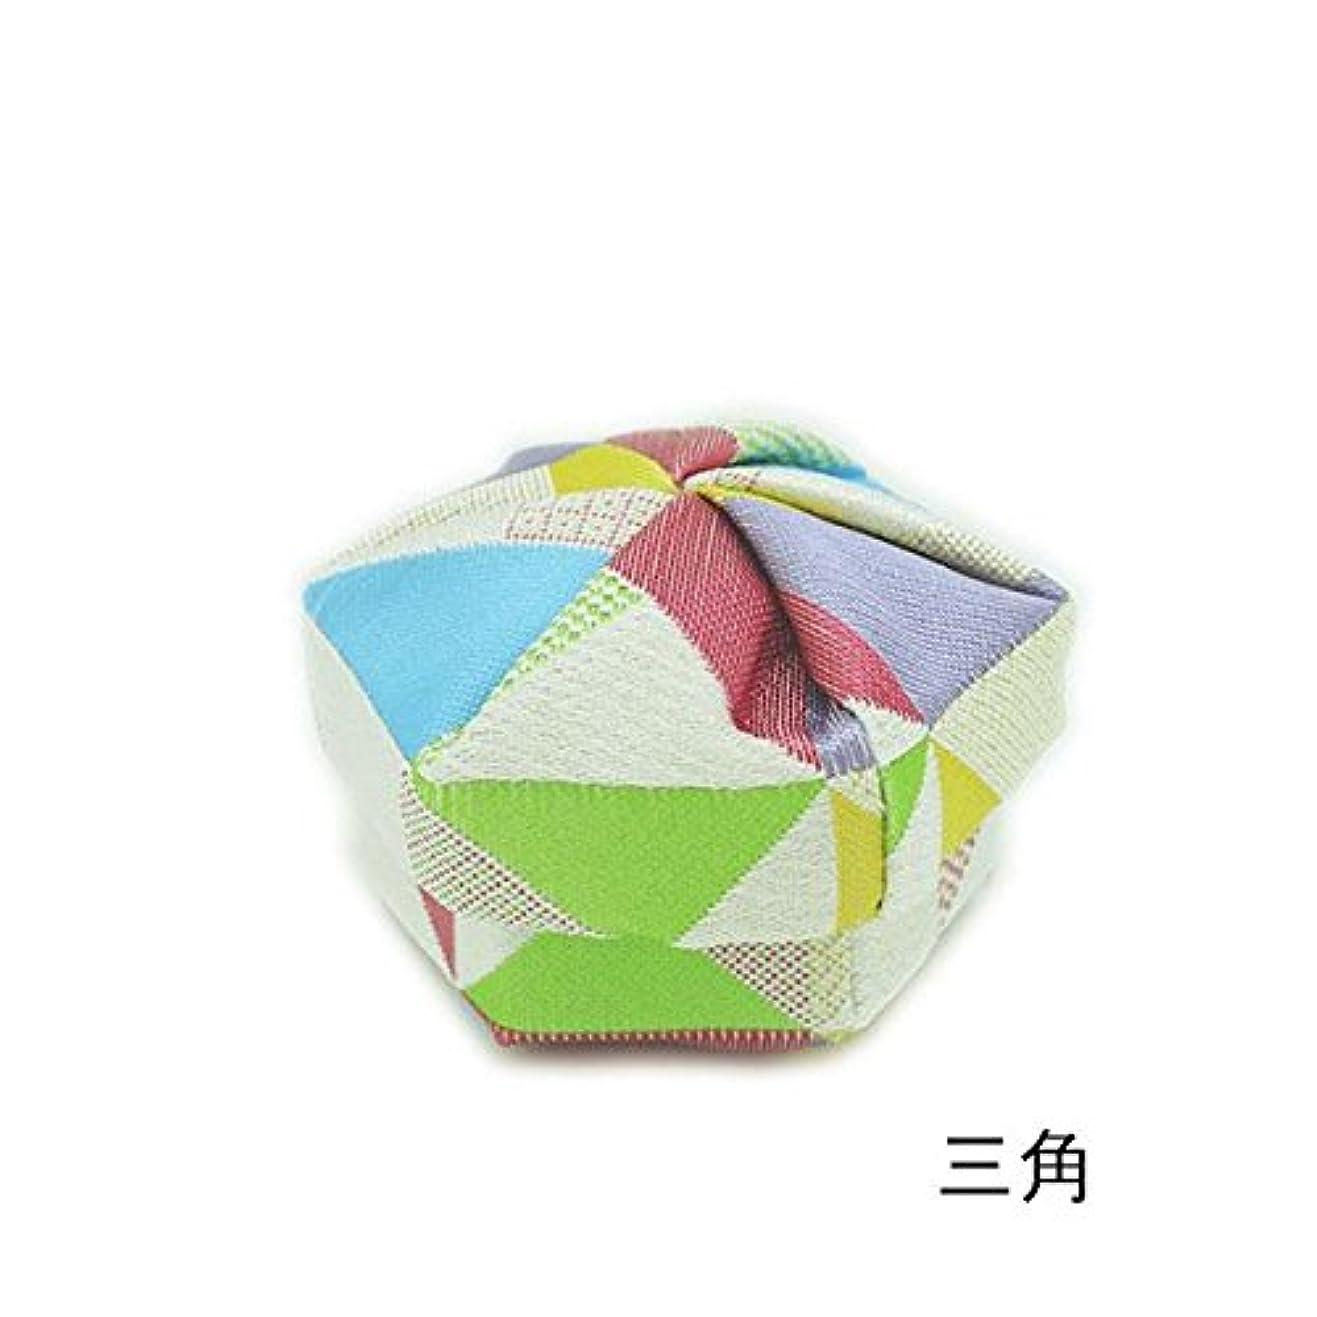 食い違いセージ内陸なにいろ 布香合  (三角)